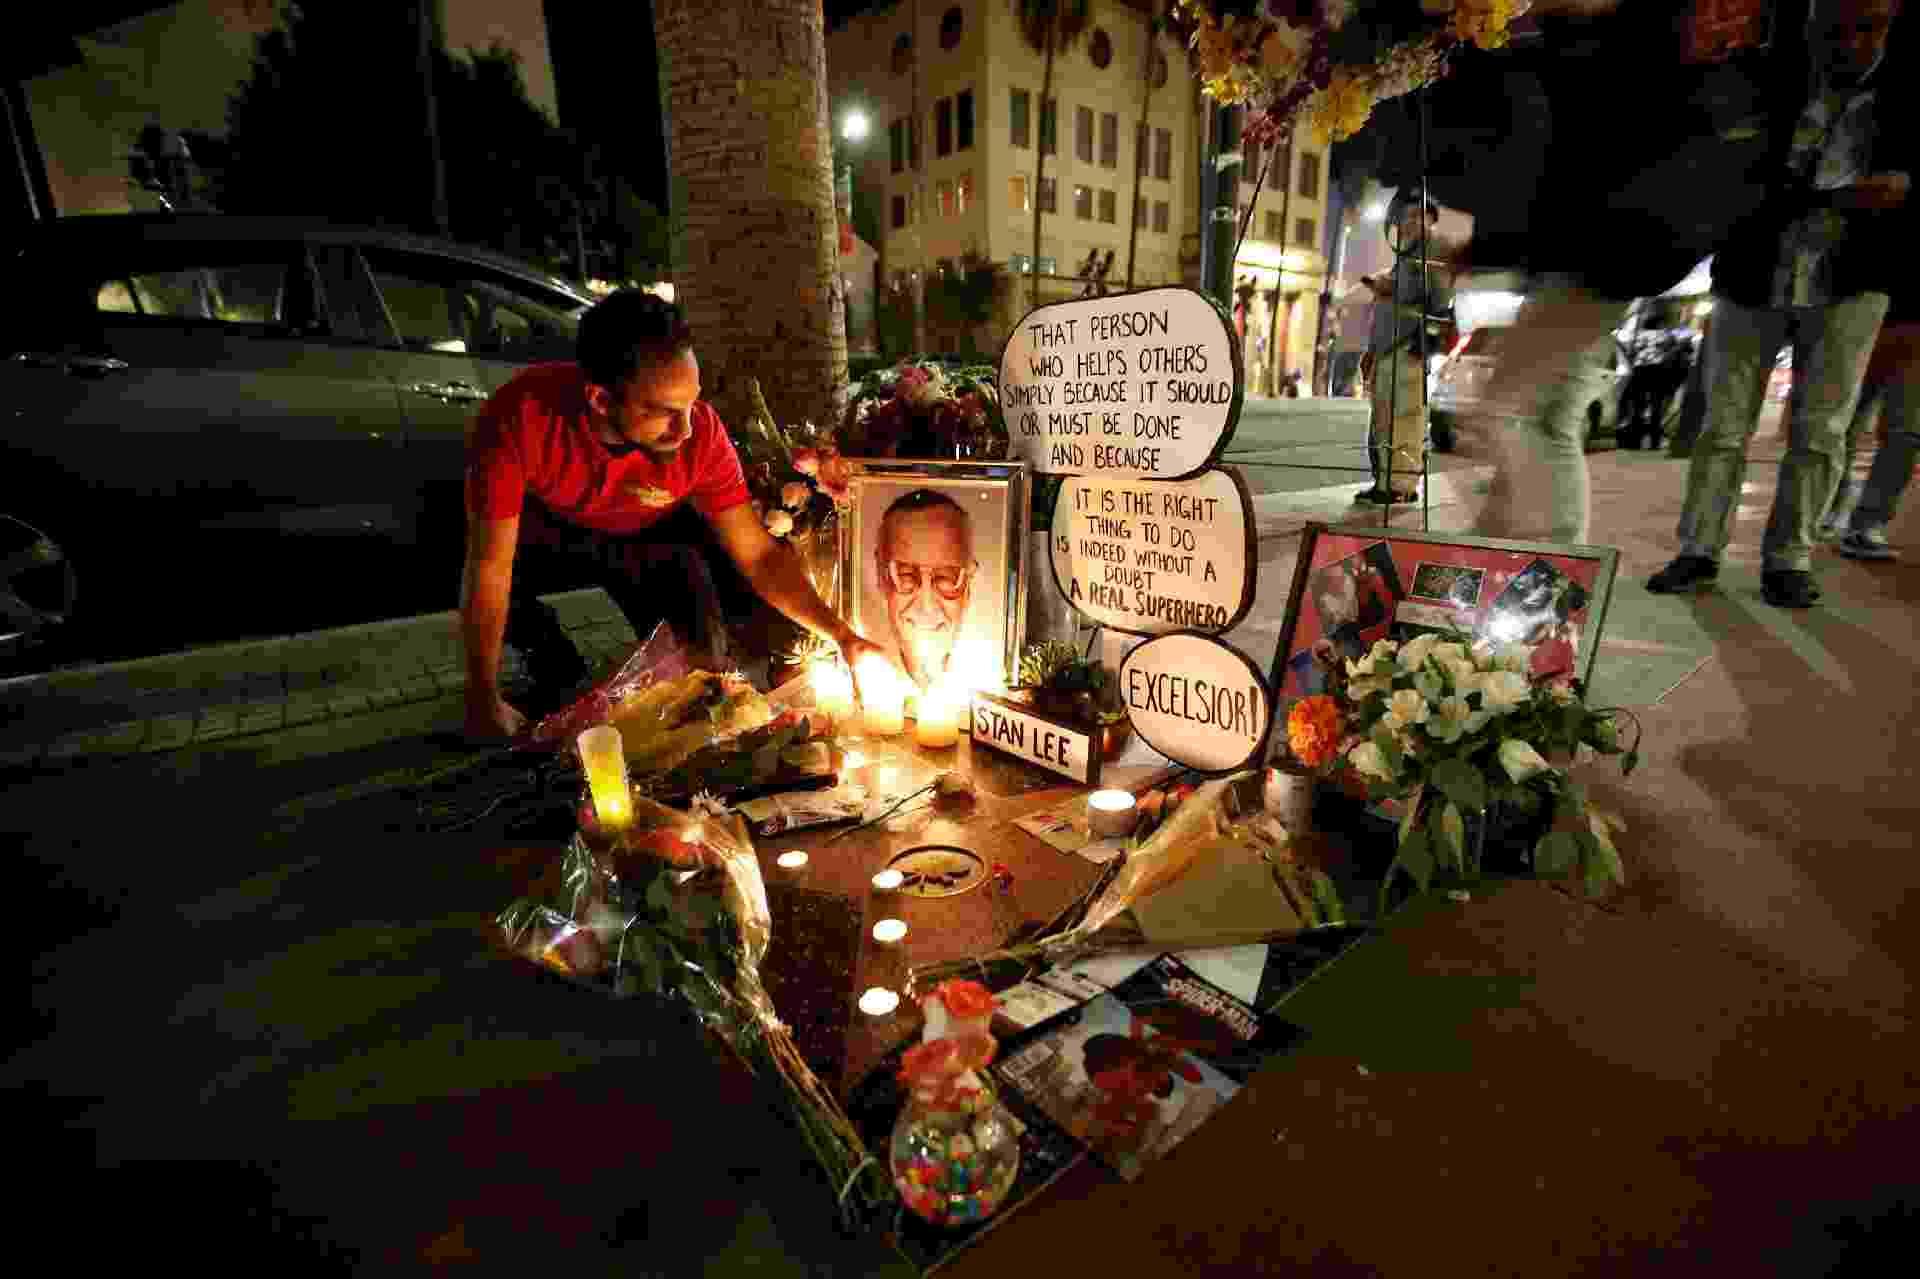 Fã de Stan Lee prestam homenagem ao quadrinista deixando flores e bilhetes em sua estrela na Calçada da Fama de Hollywood, na Califórnia - Mario Anzuoni/Reuters